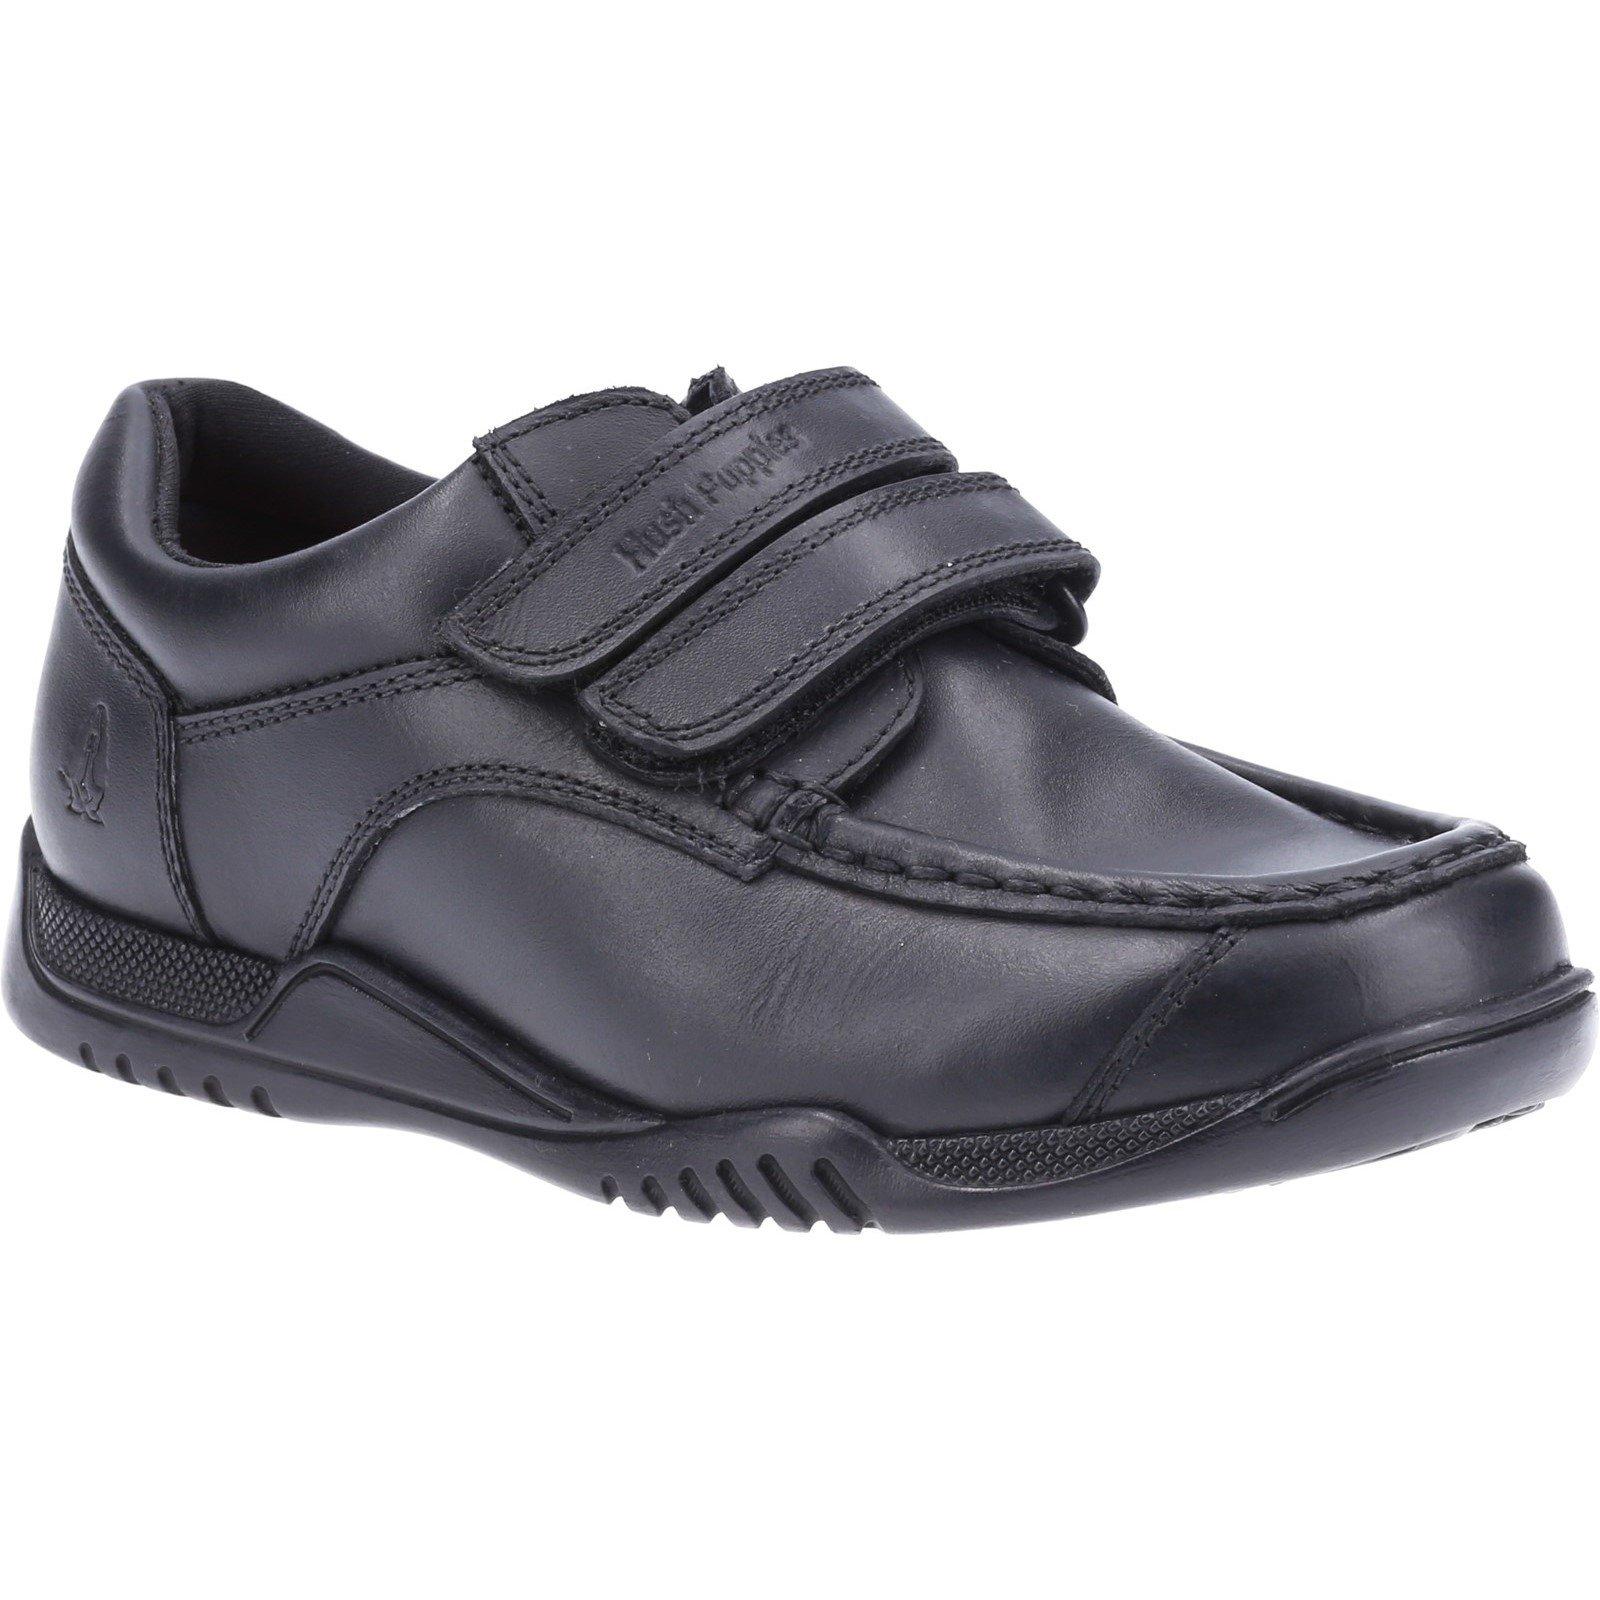 Hush Puppies Kid's Hayden Junior School Shoe Black 32584 - Black 12